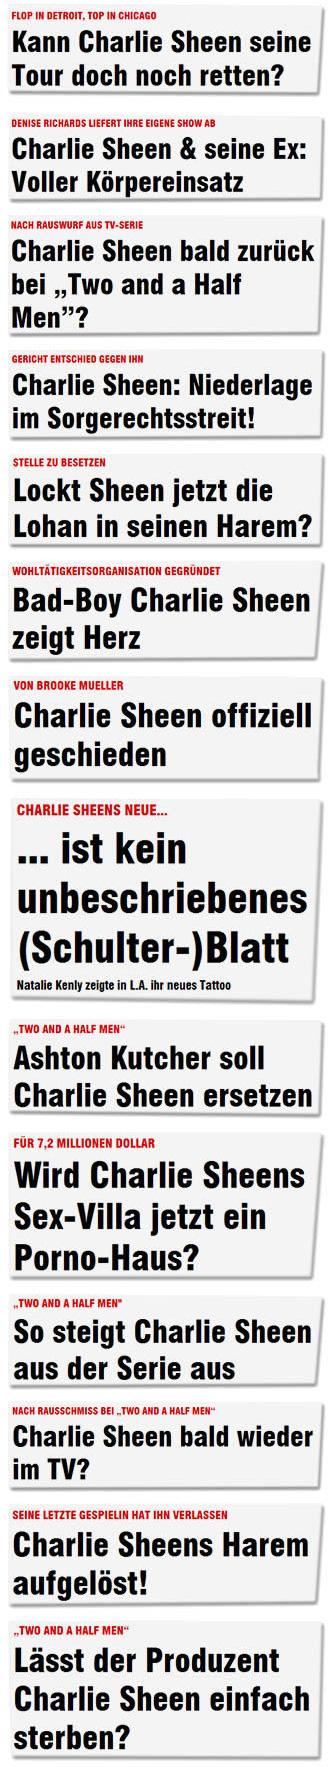 Charlie_Sheen_auf_Bild_de_06